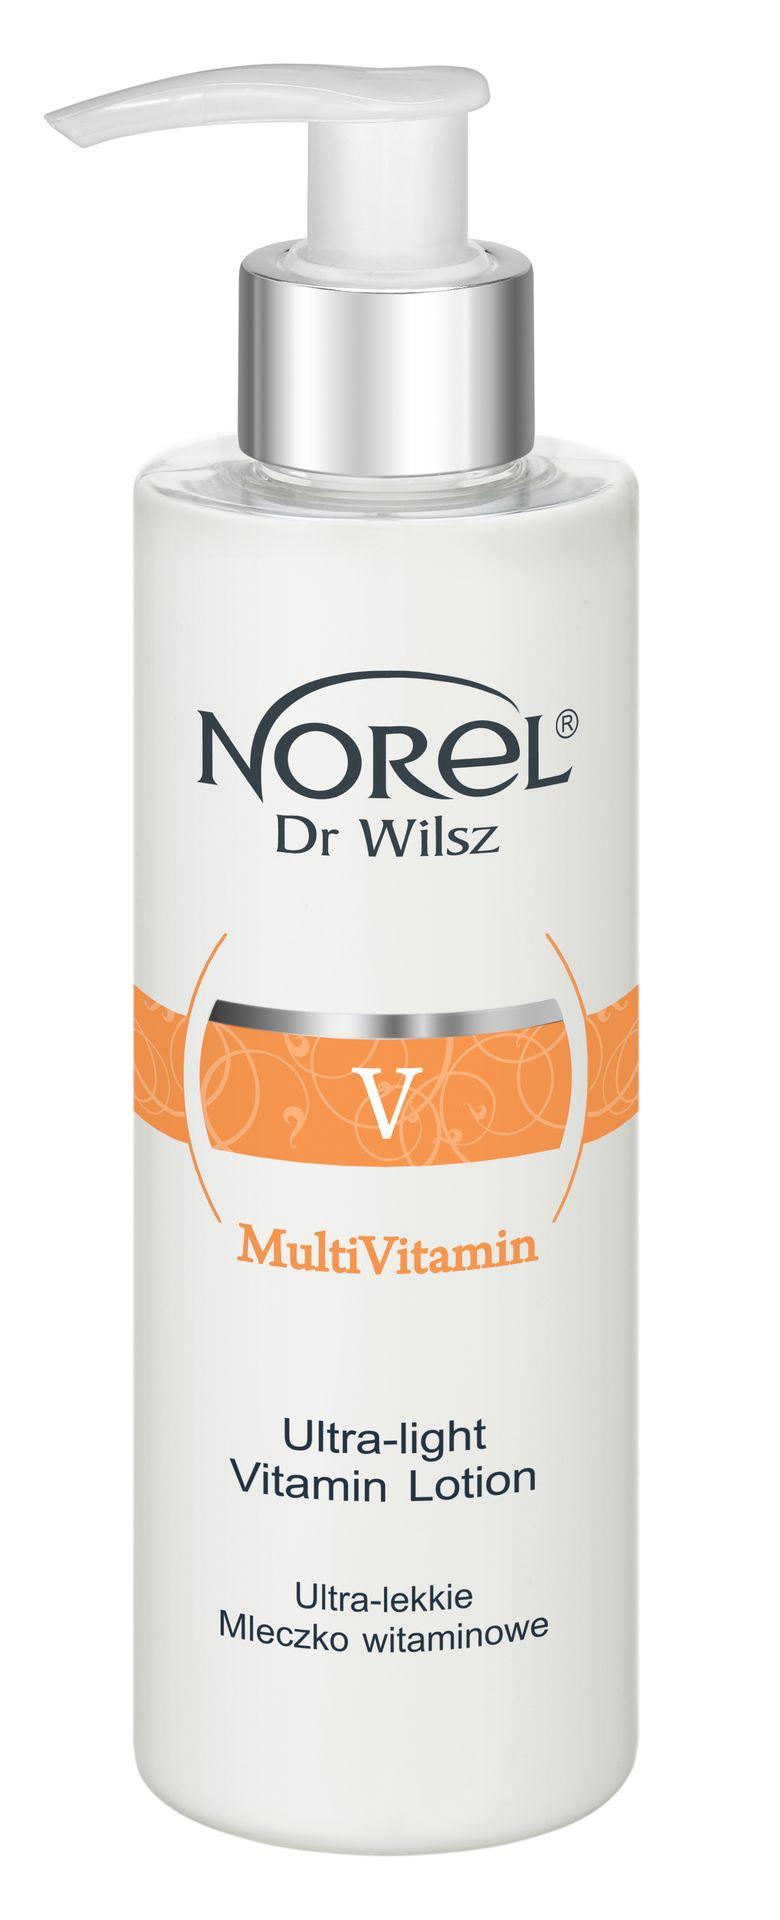 NOREL Dr. Wilsz Молочко очищающее ультралегкое с витаминным комплексом для лица / Ultra-light vitamin milk 200 мл - Молочко